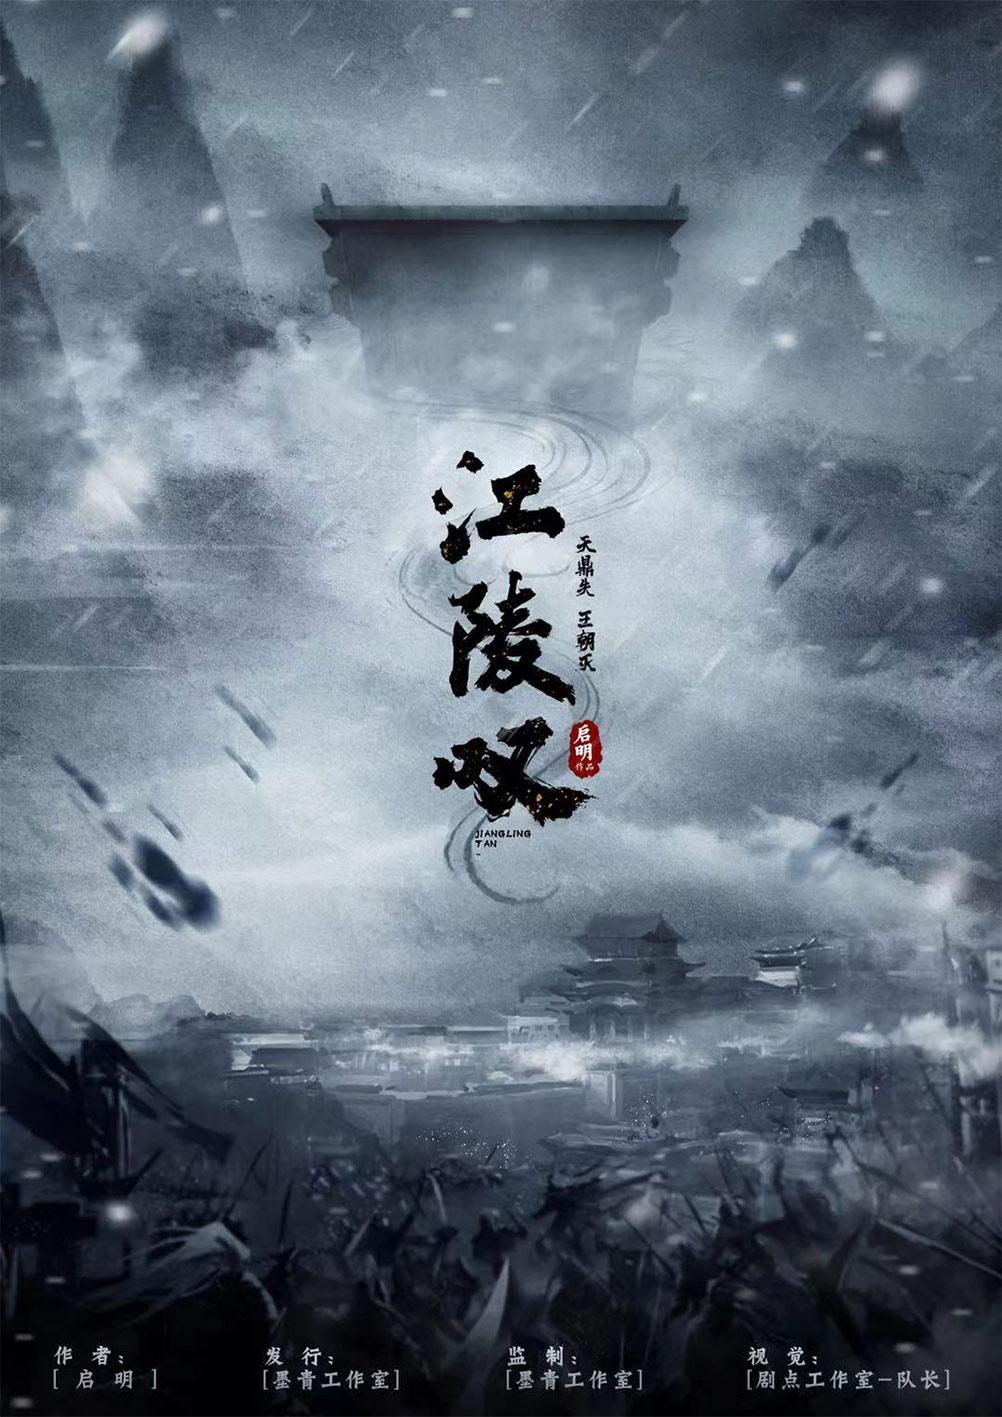 『江陵叹』剧本杀解析_真相_复盘_凶手是谁